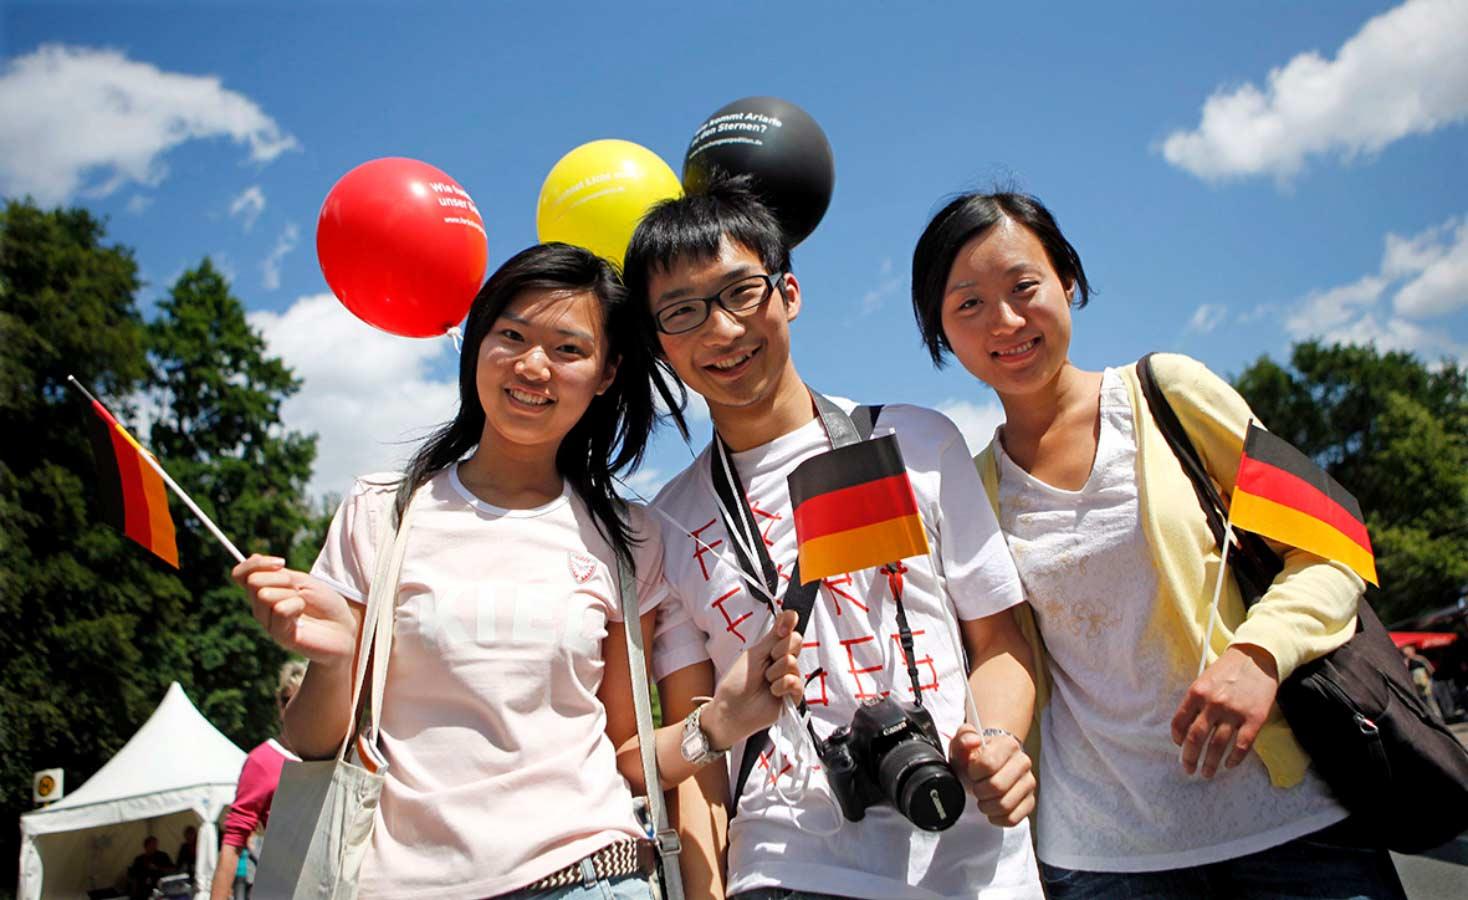 Du học nghề Đức đang được các bạn trẻ rất quan tâm